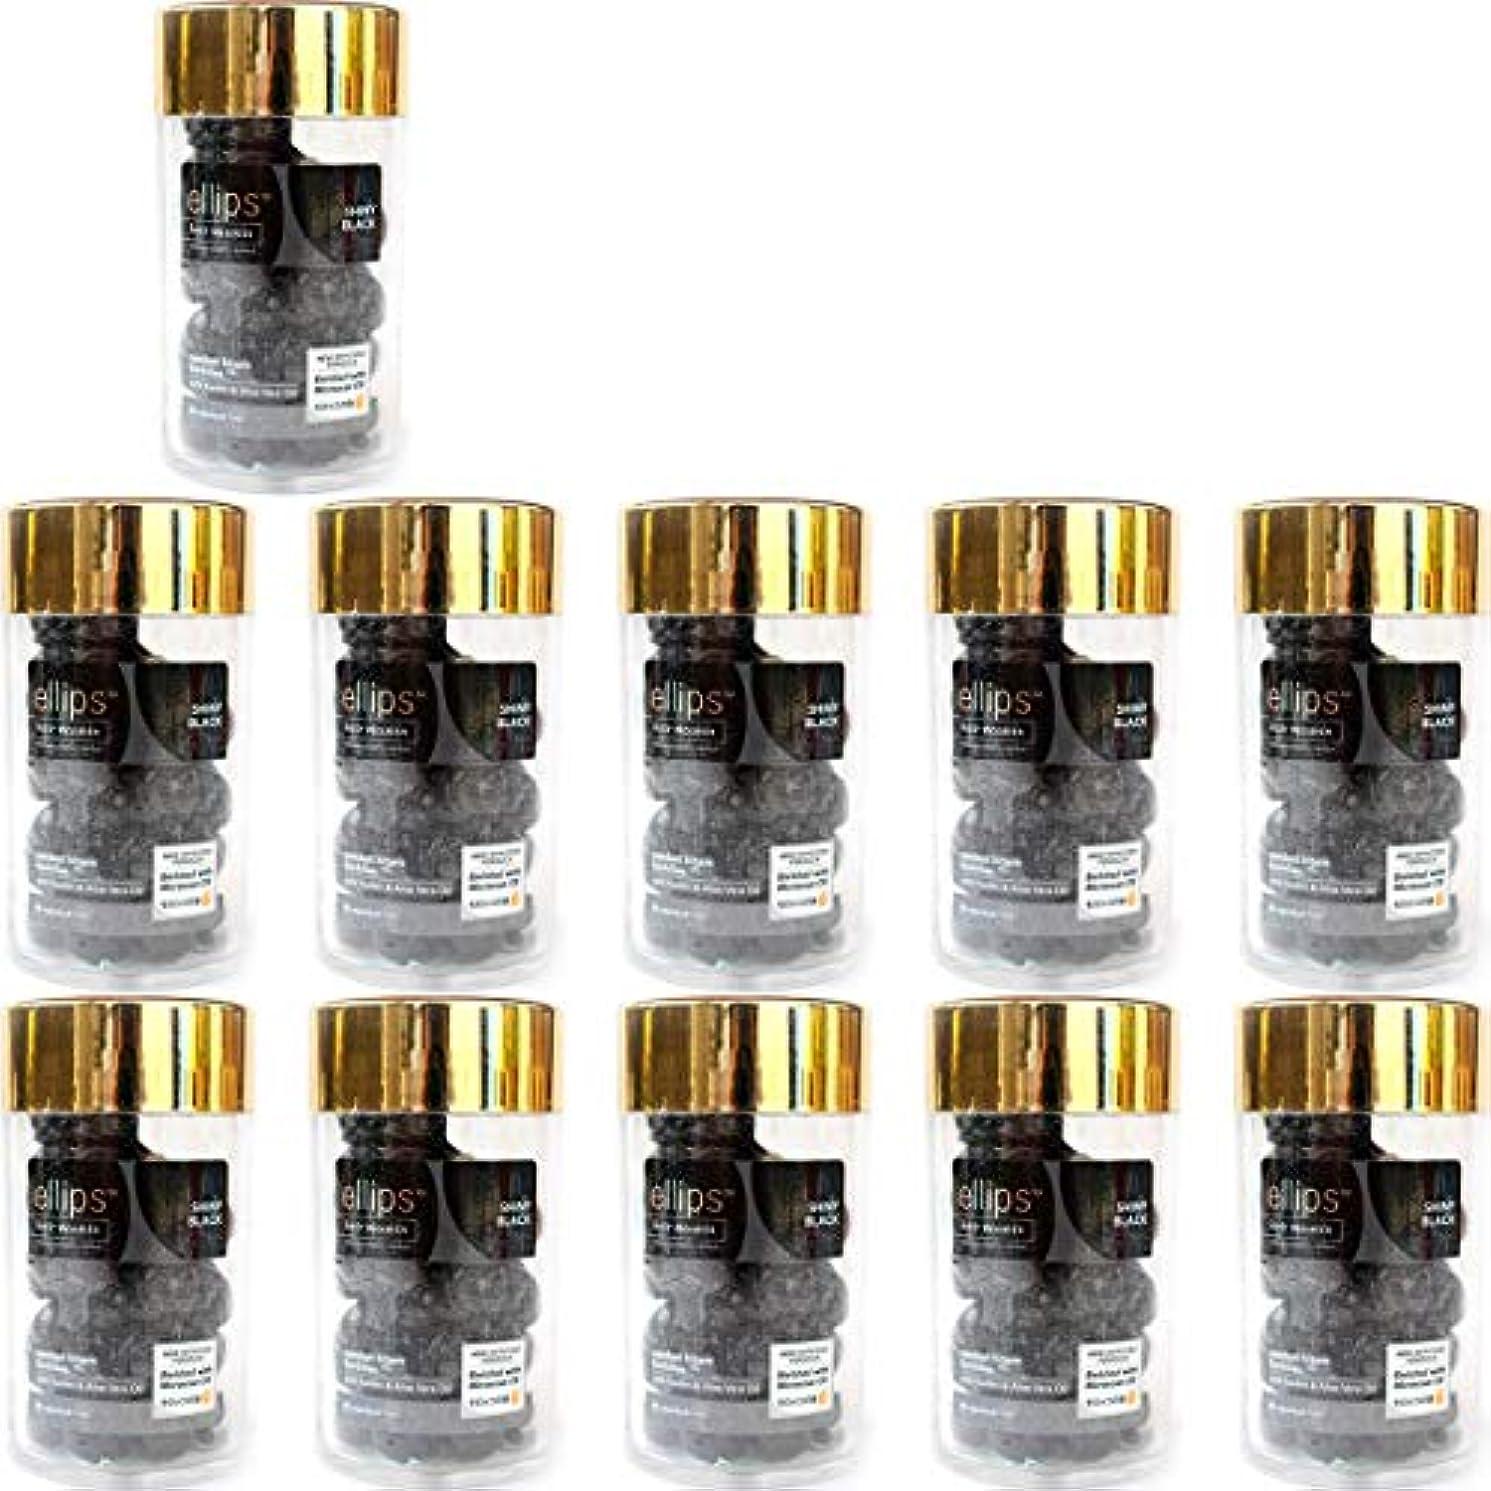 財布調査ペイントellips エリプス ヘアビタミン ヘアオイル エリップス トリートメント ナチュラルシリーズ 50粒入ボトル ブラック 11個セット [海外直送品]